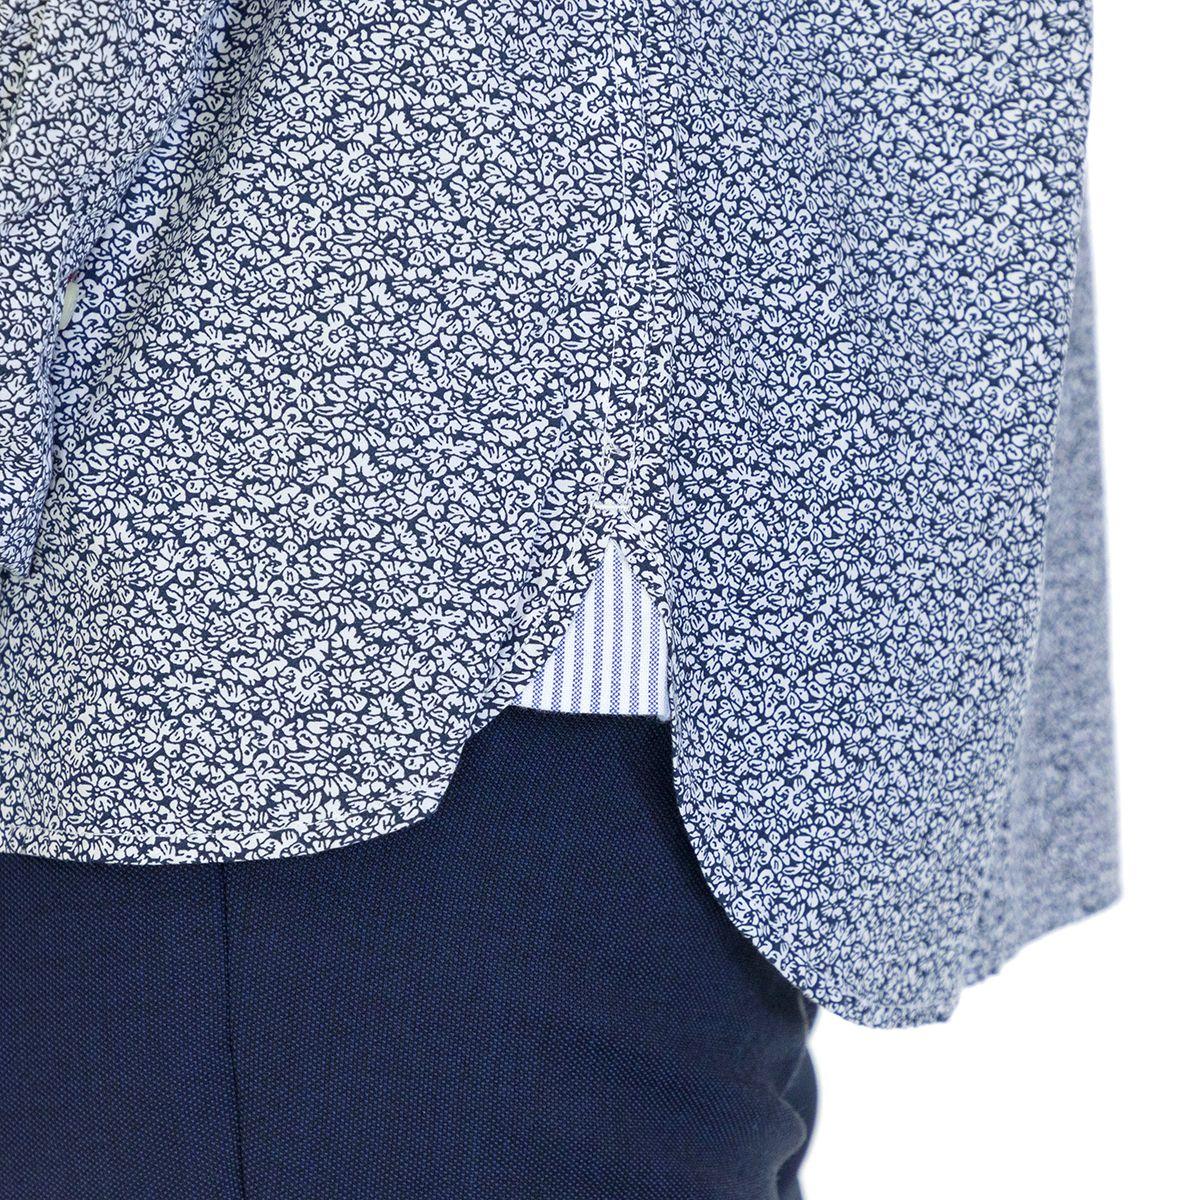 Tommy Hilfiger Men Shirt Floral Regular fit  Full sleeve Multicolor